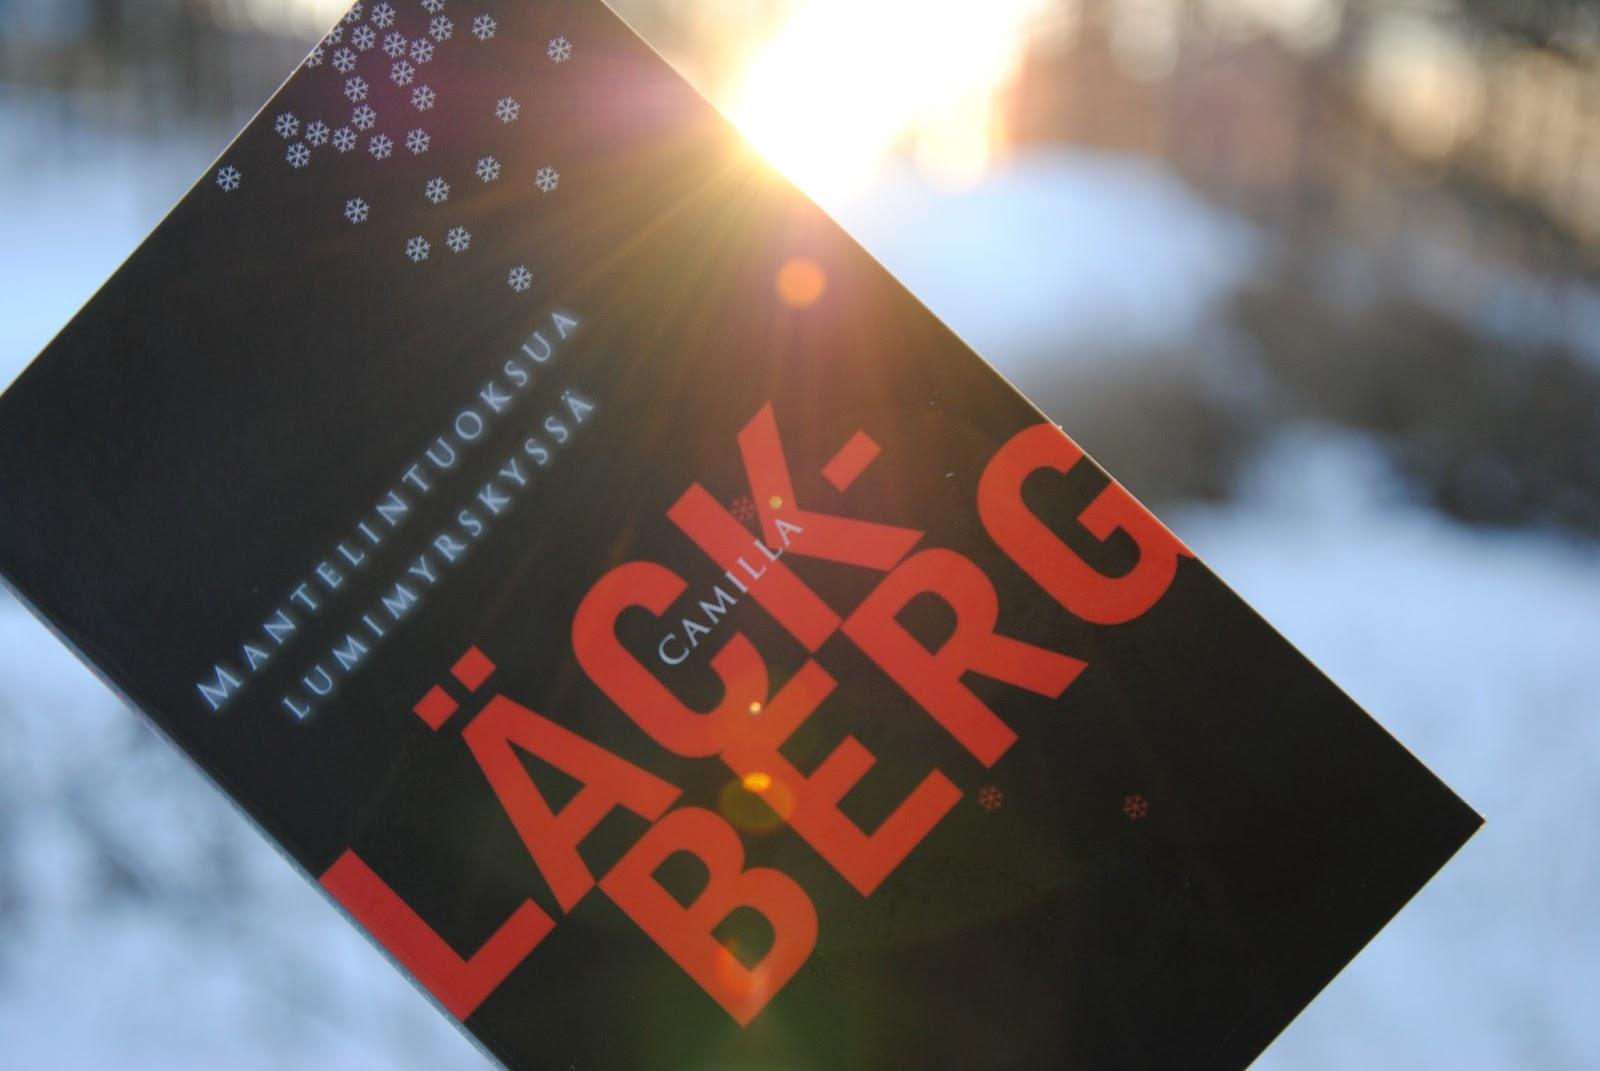 läckberg mantelintuoksua lumimyrskyssä